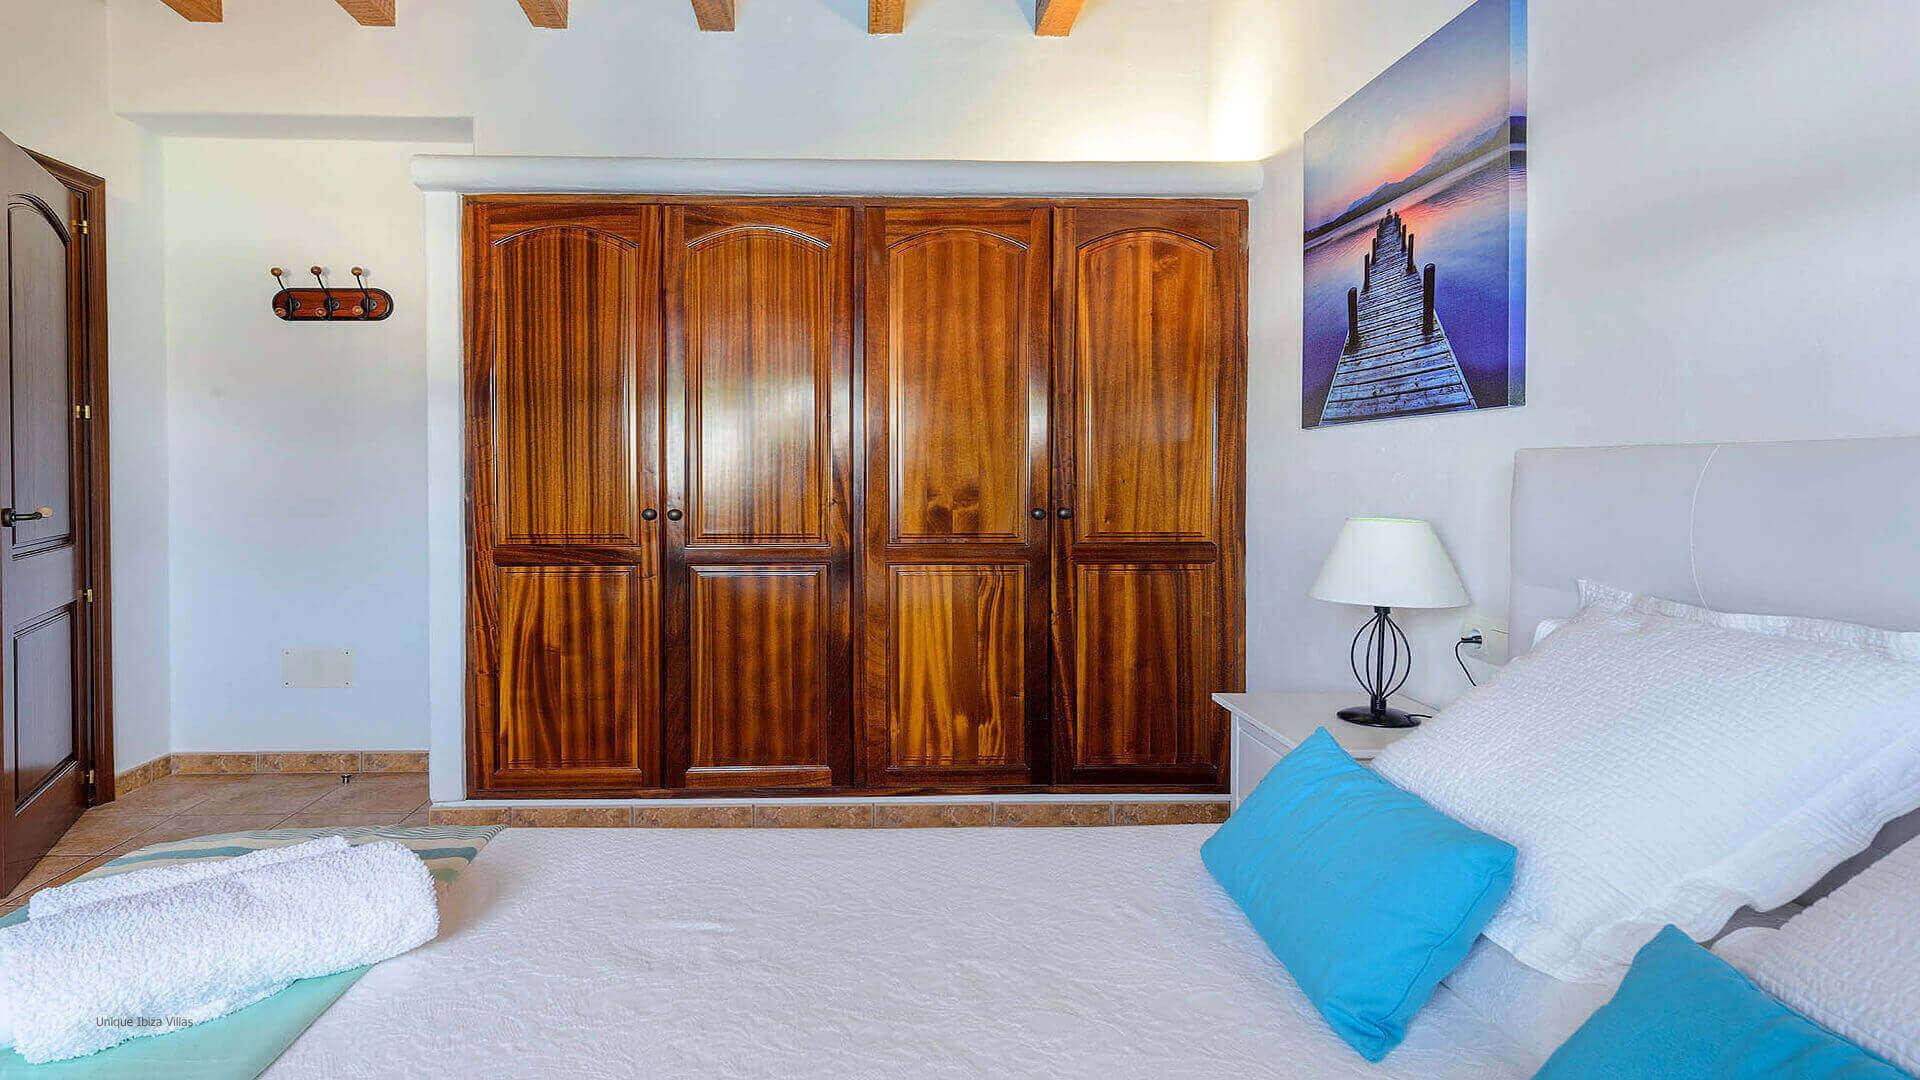 Curreu III Ibiza 38 Bedroom 3